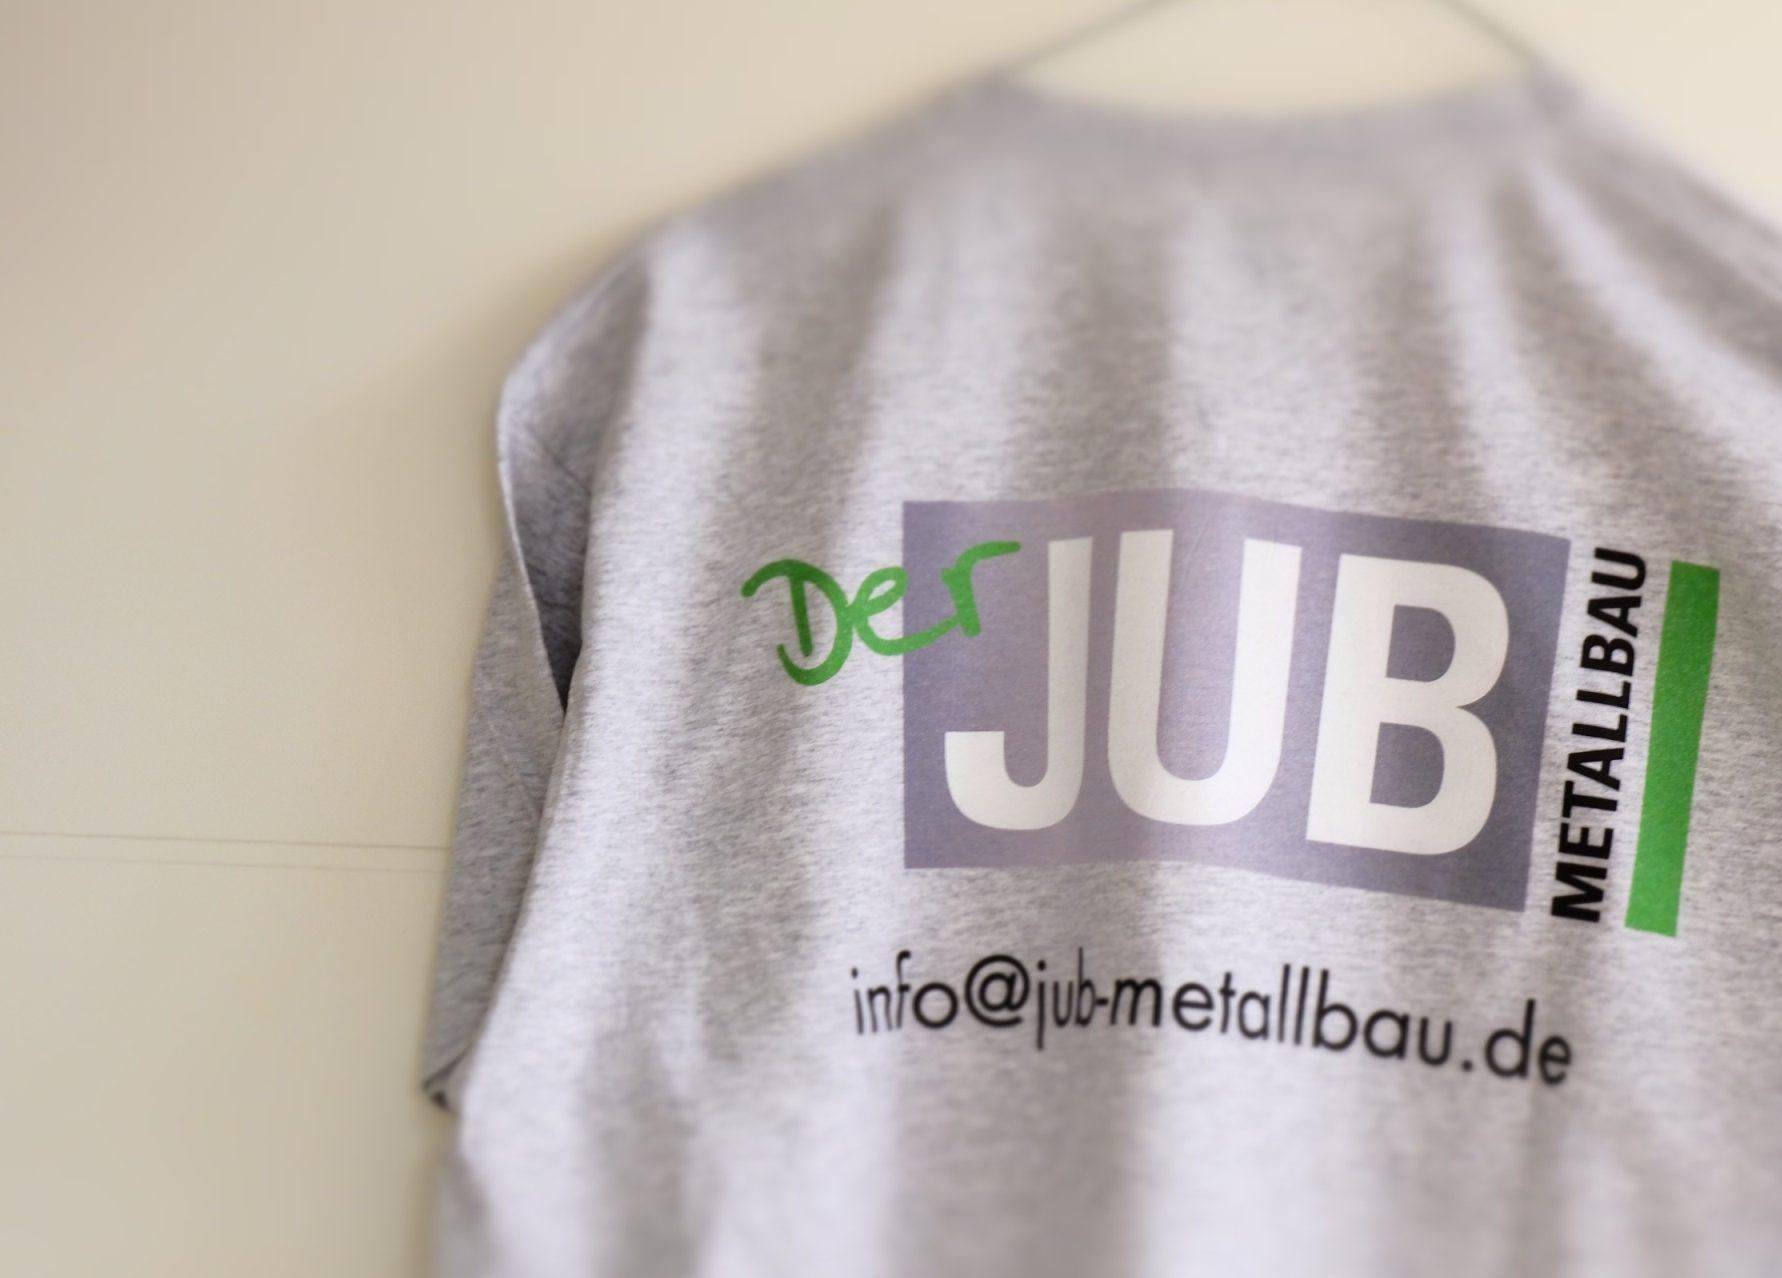 Textildirektdruck auf grauen Shirts JUB Metallbau